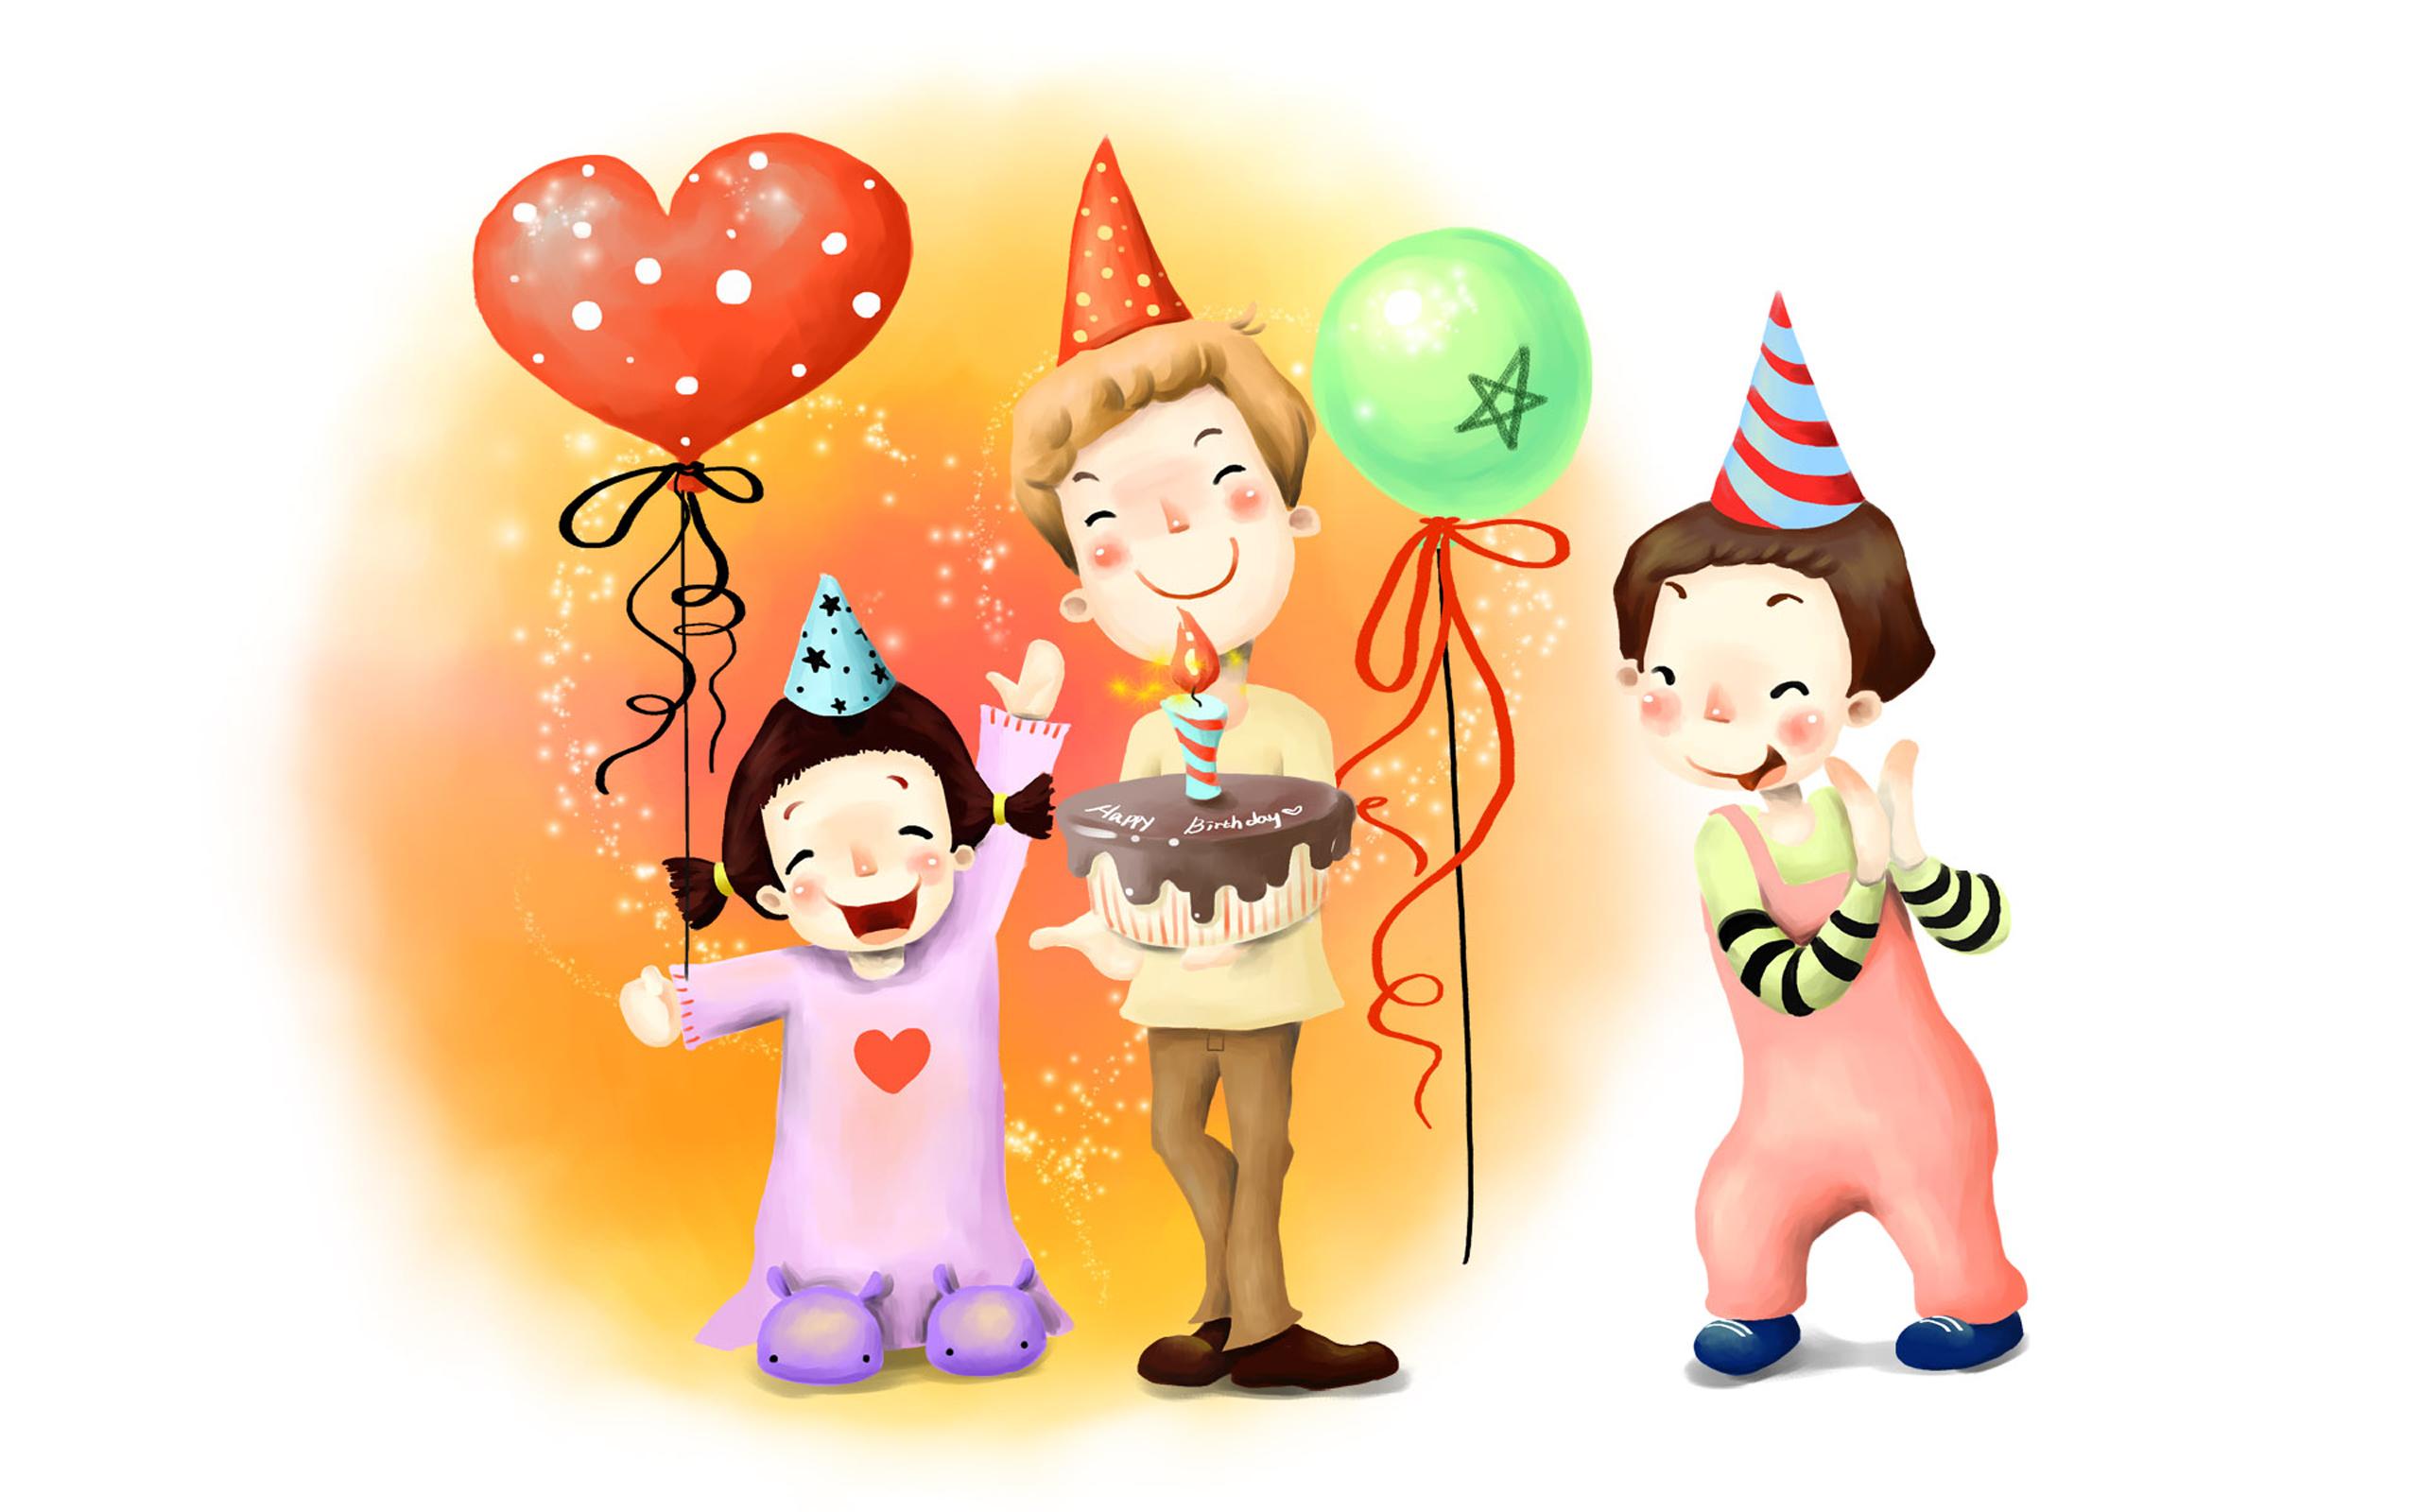 Funny Cartoons Birthday 21 Desktop Wallpaper 2560x1600